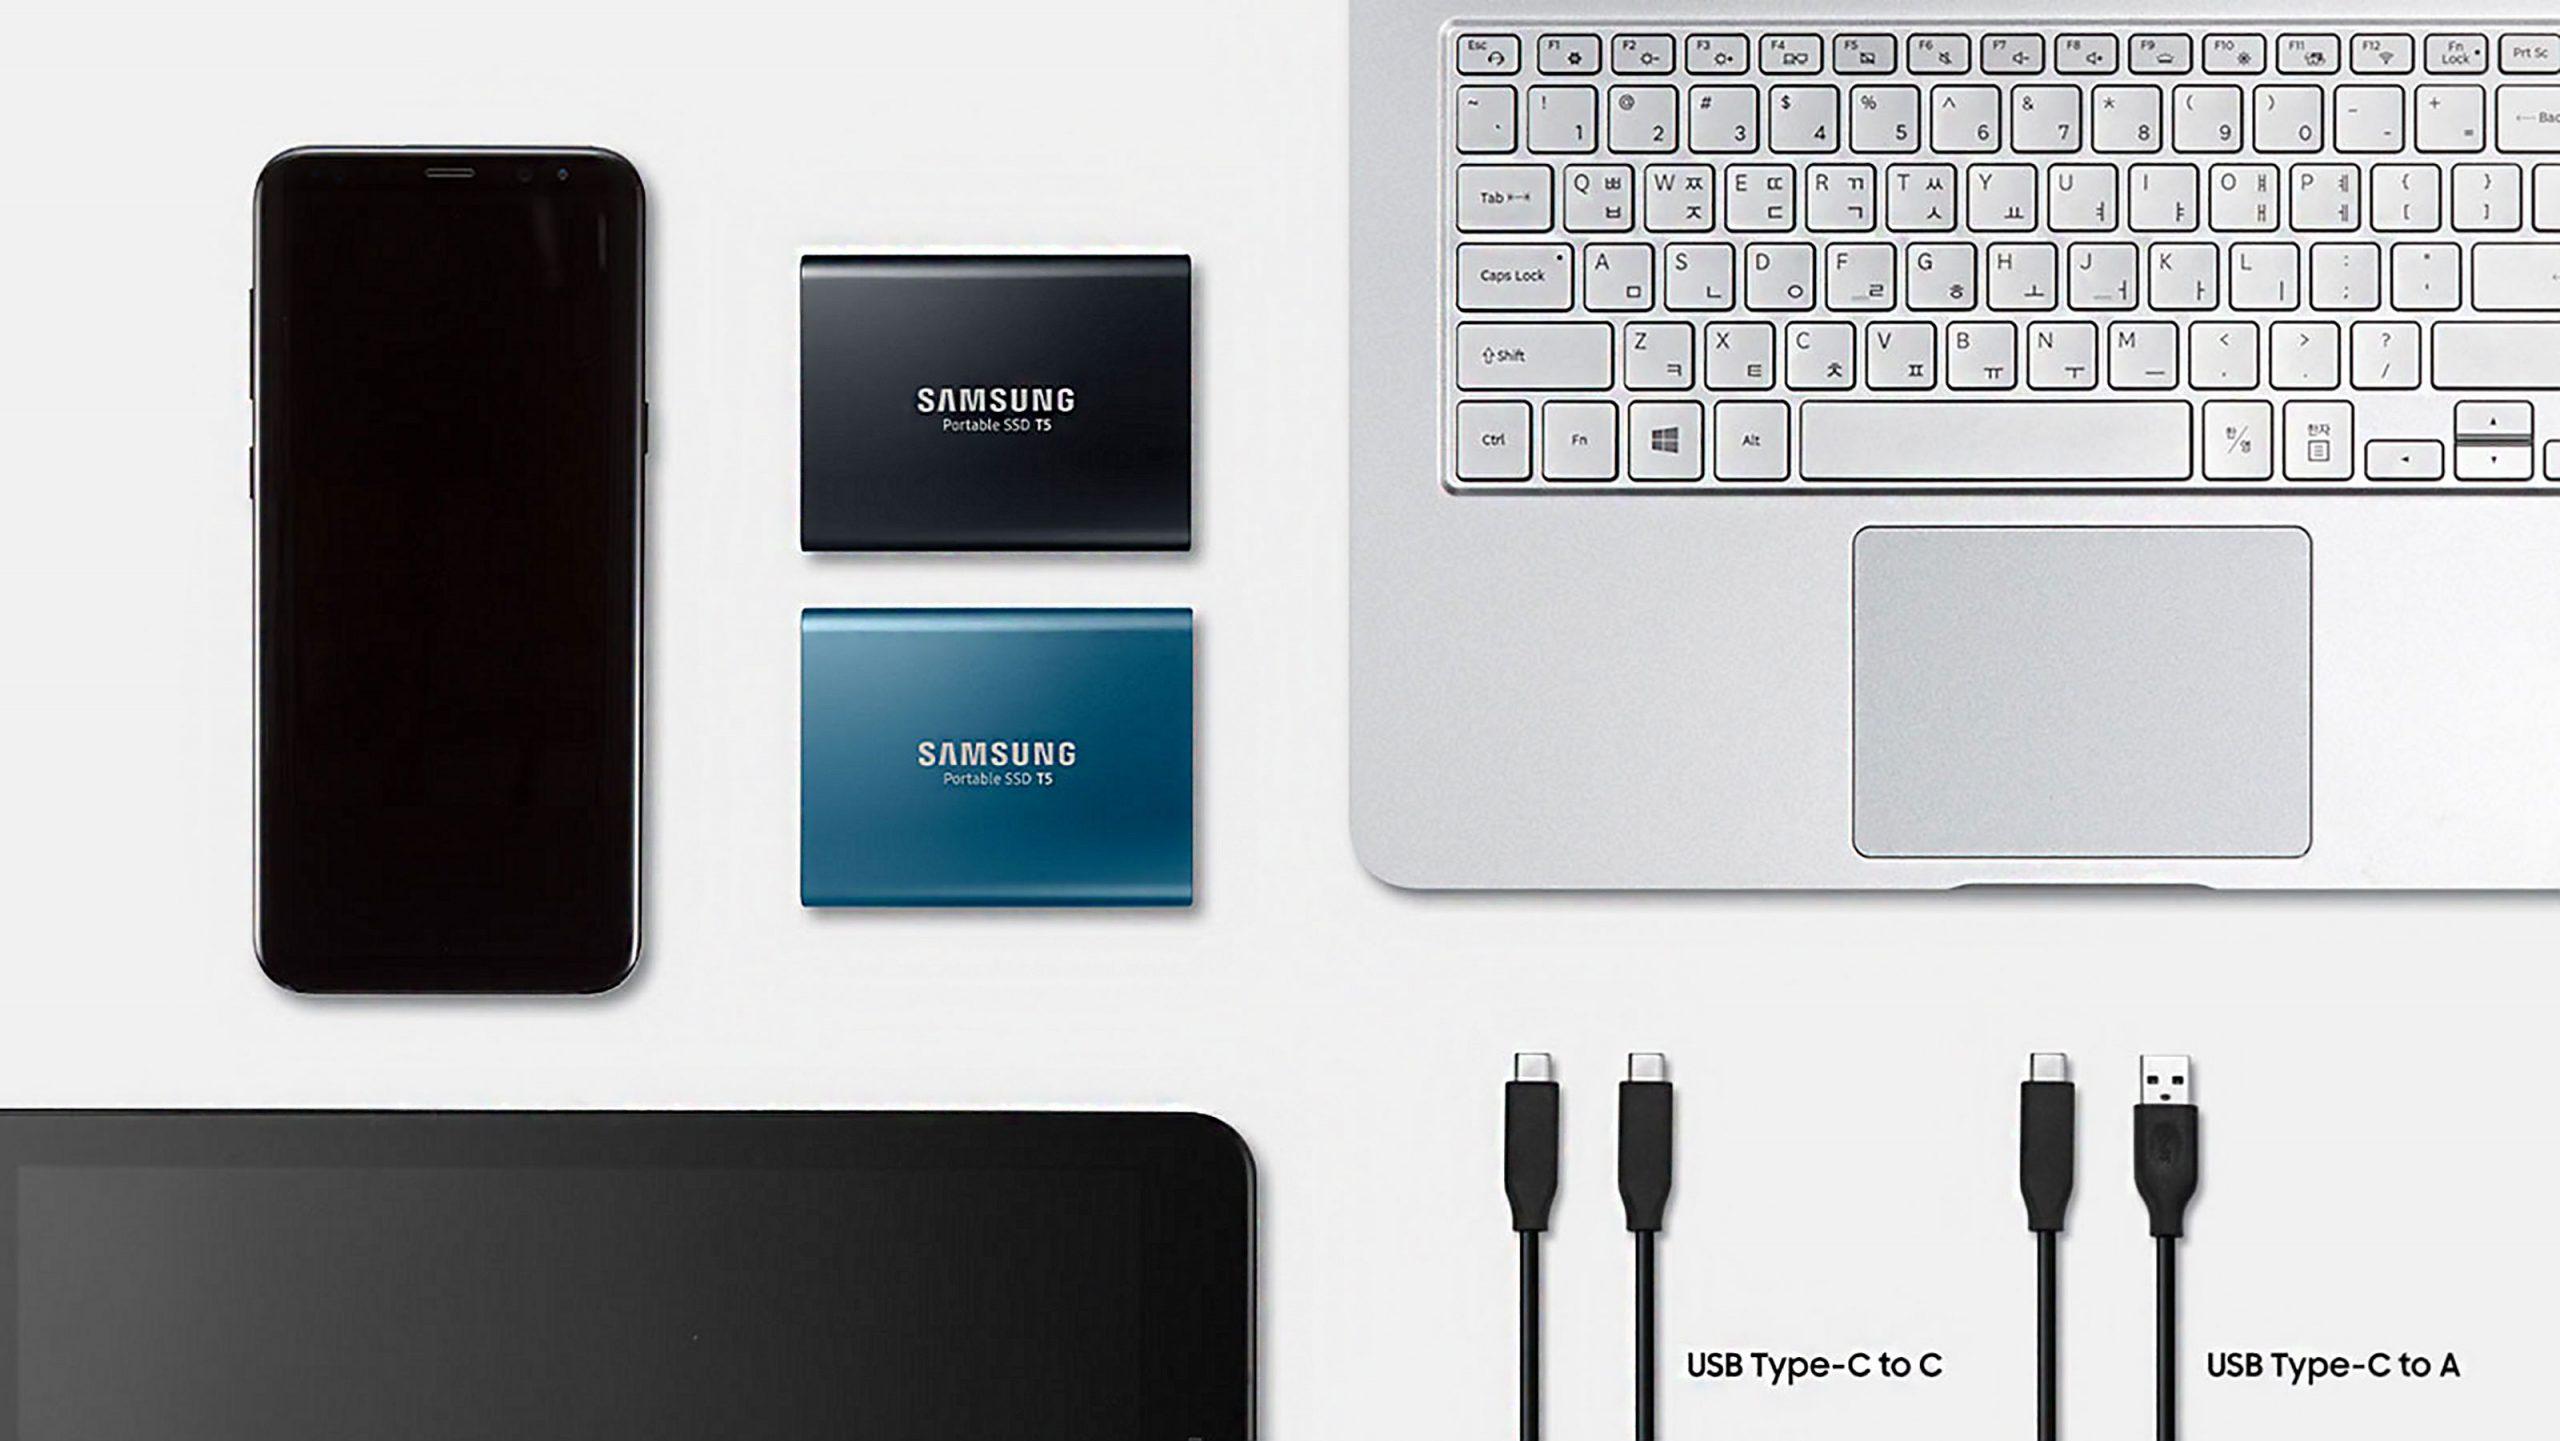 1TB SSD Samsung T5